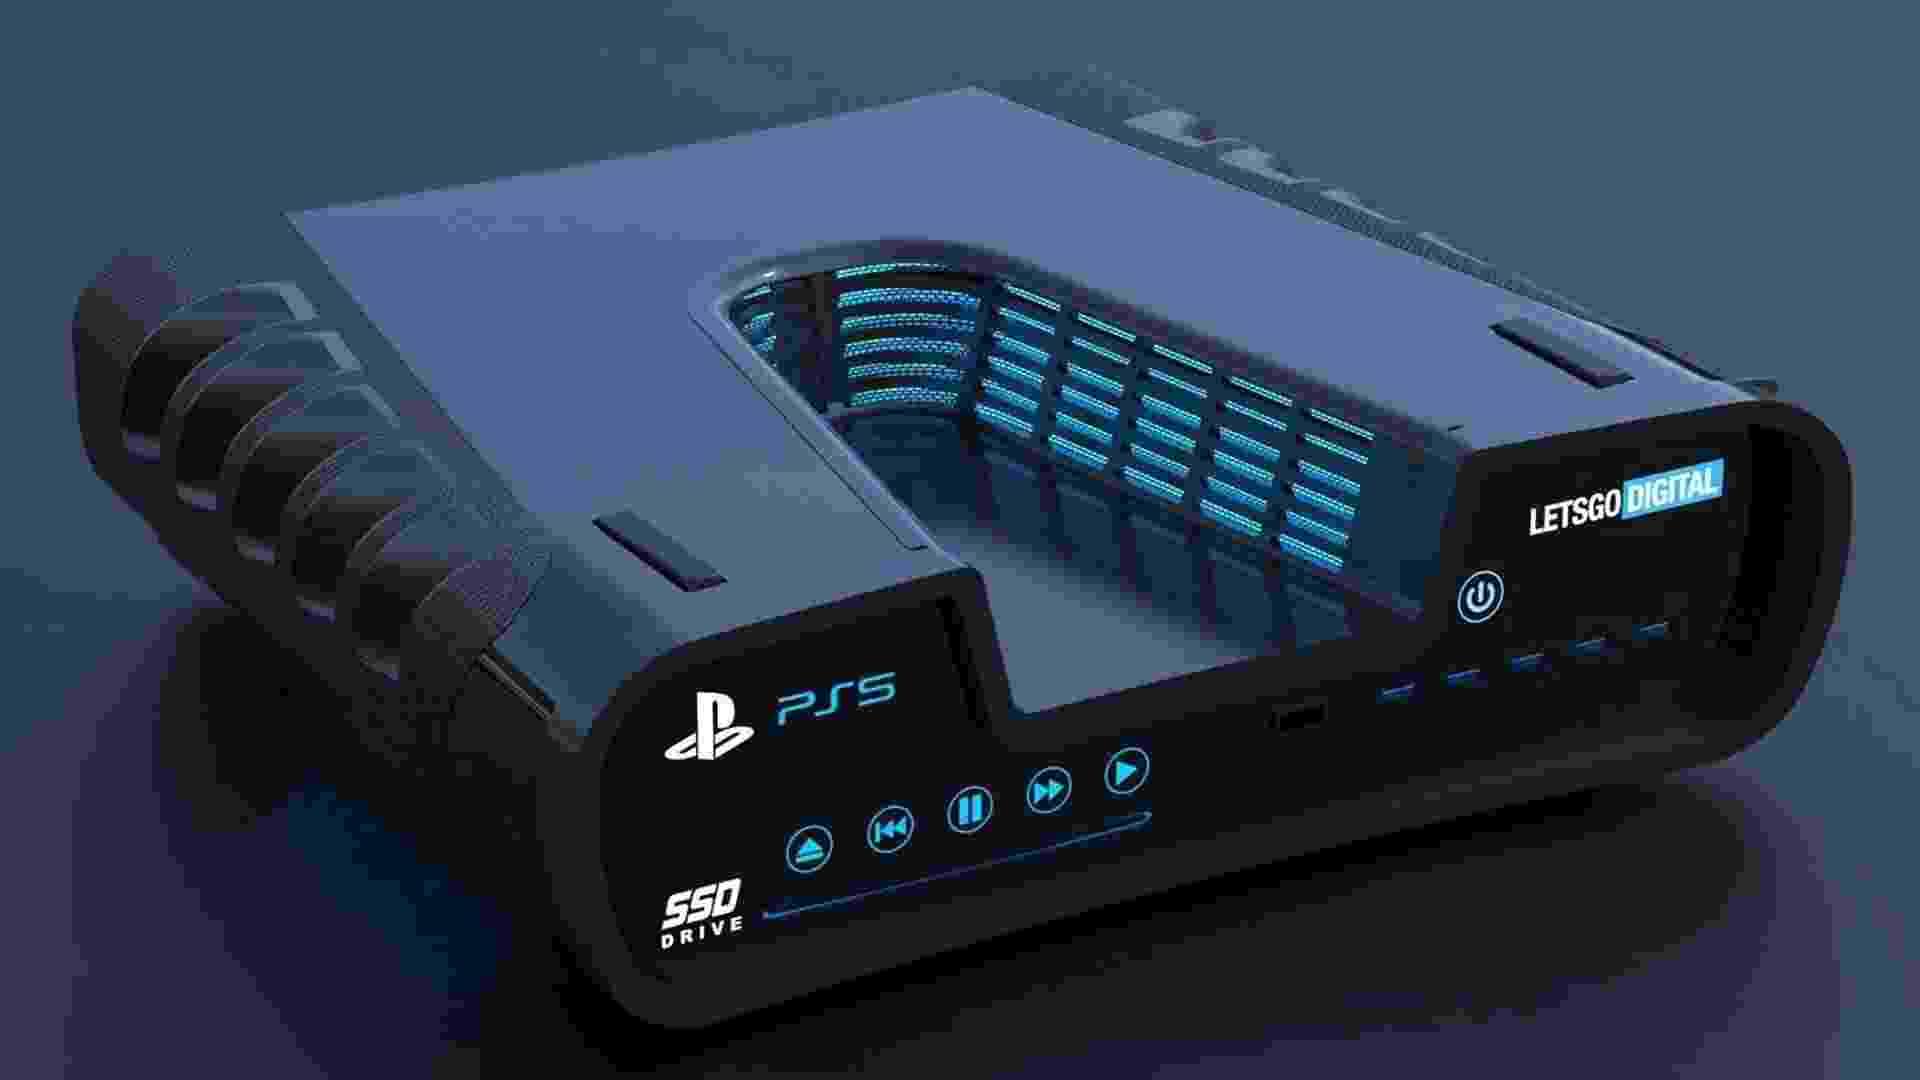 Devkit do PS5 recriado em 3D (Não-oficial) - LetsGoDigital/Reprodução